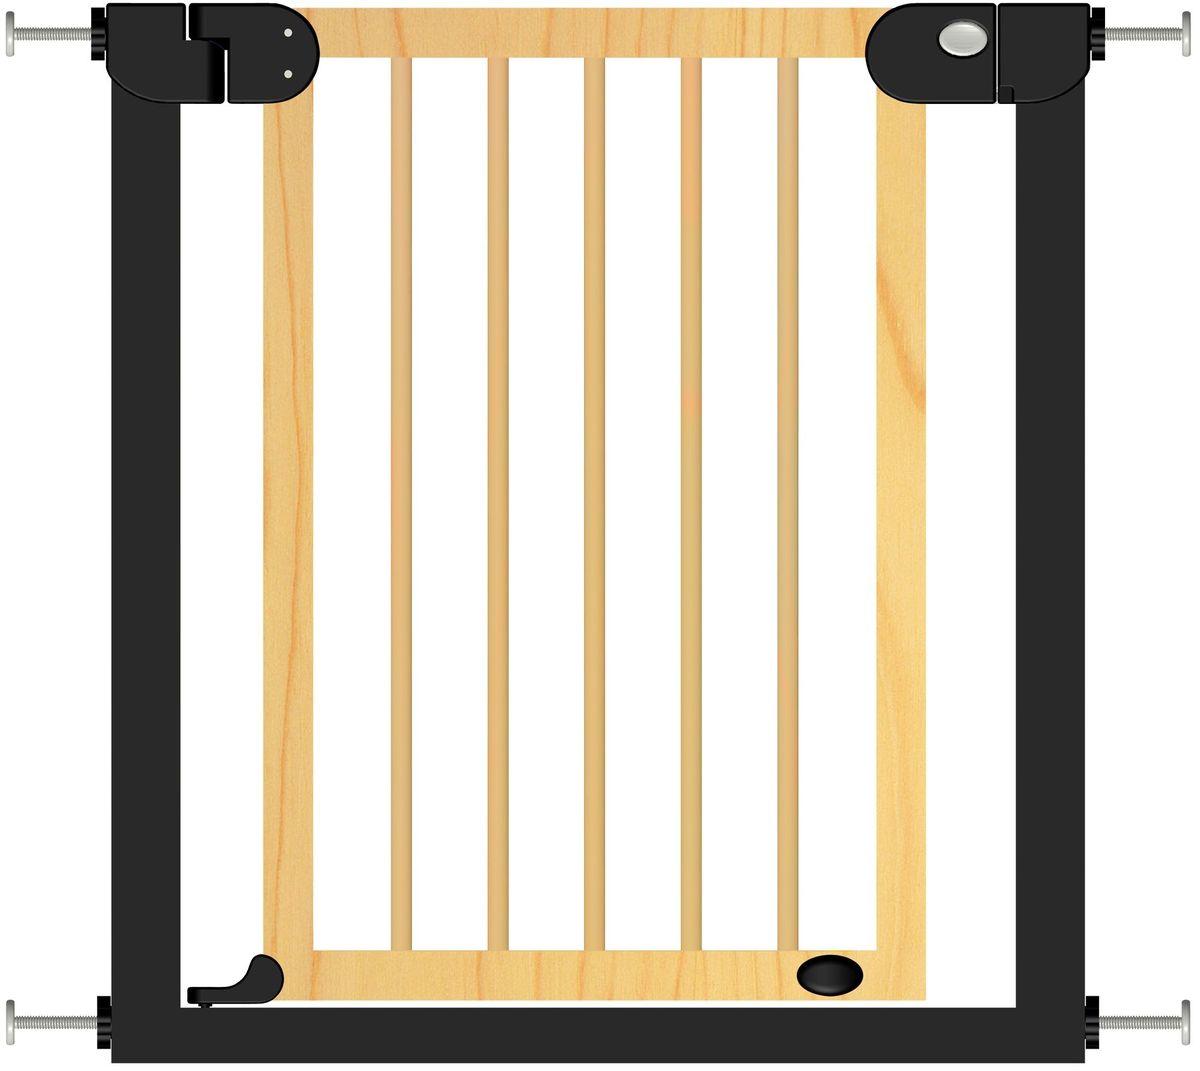 Baby Safe Барьер-калитка цвет черный 75-85 см -  Блокирующие и защитные устройства